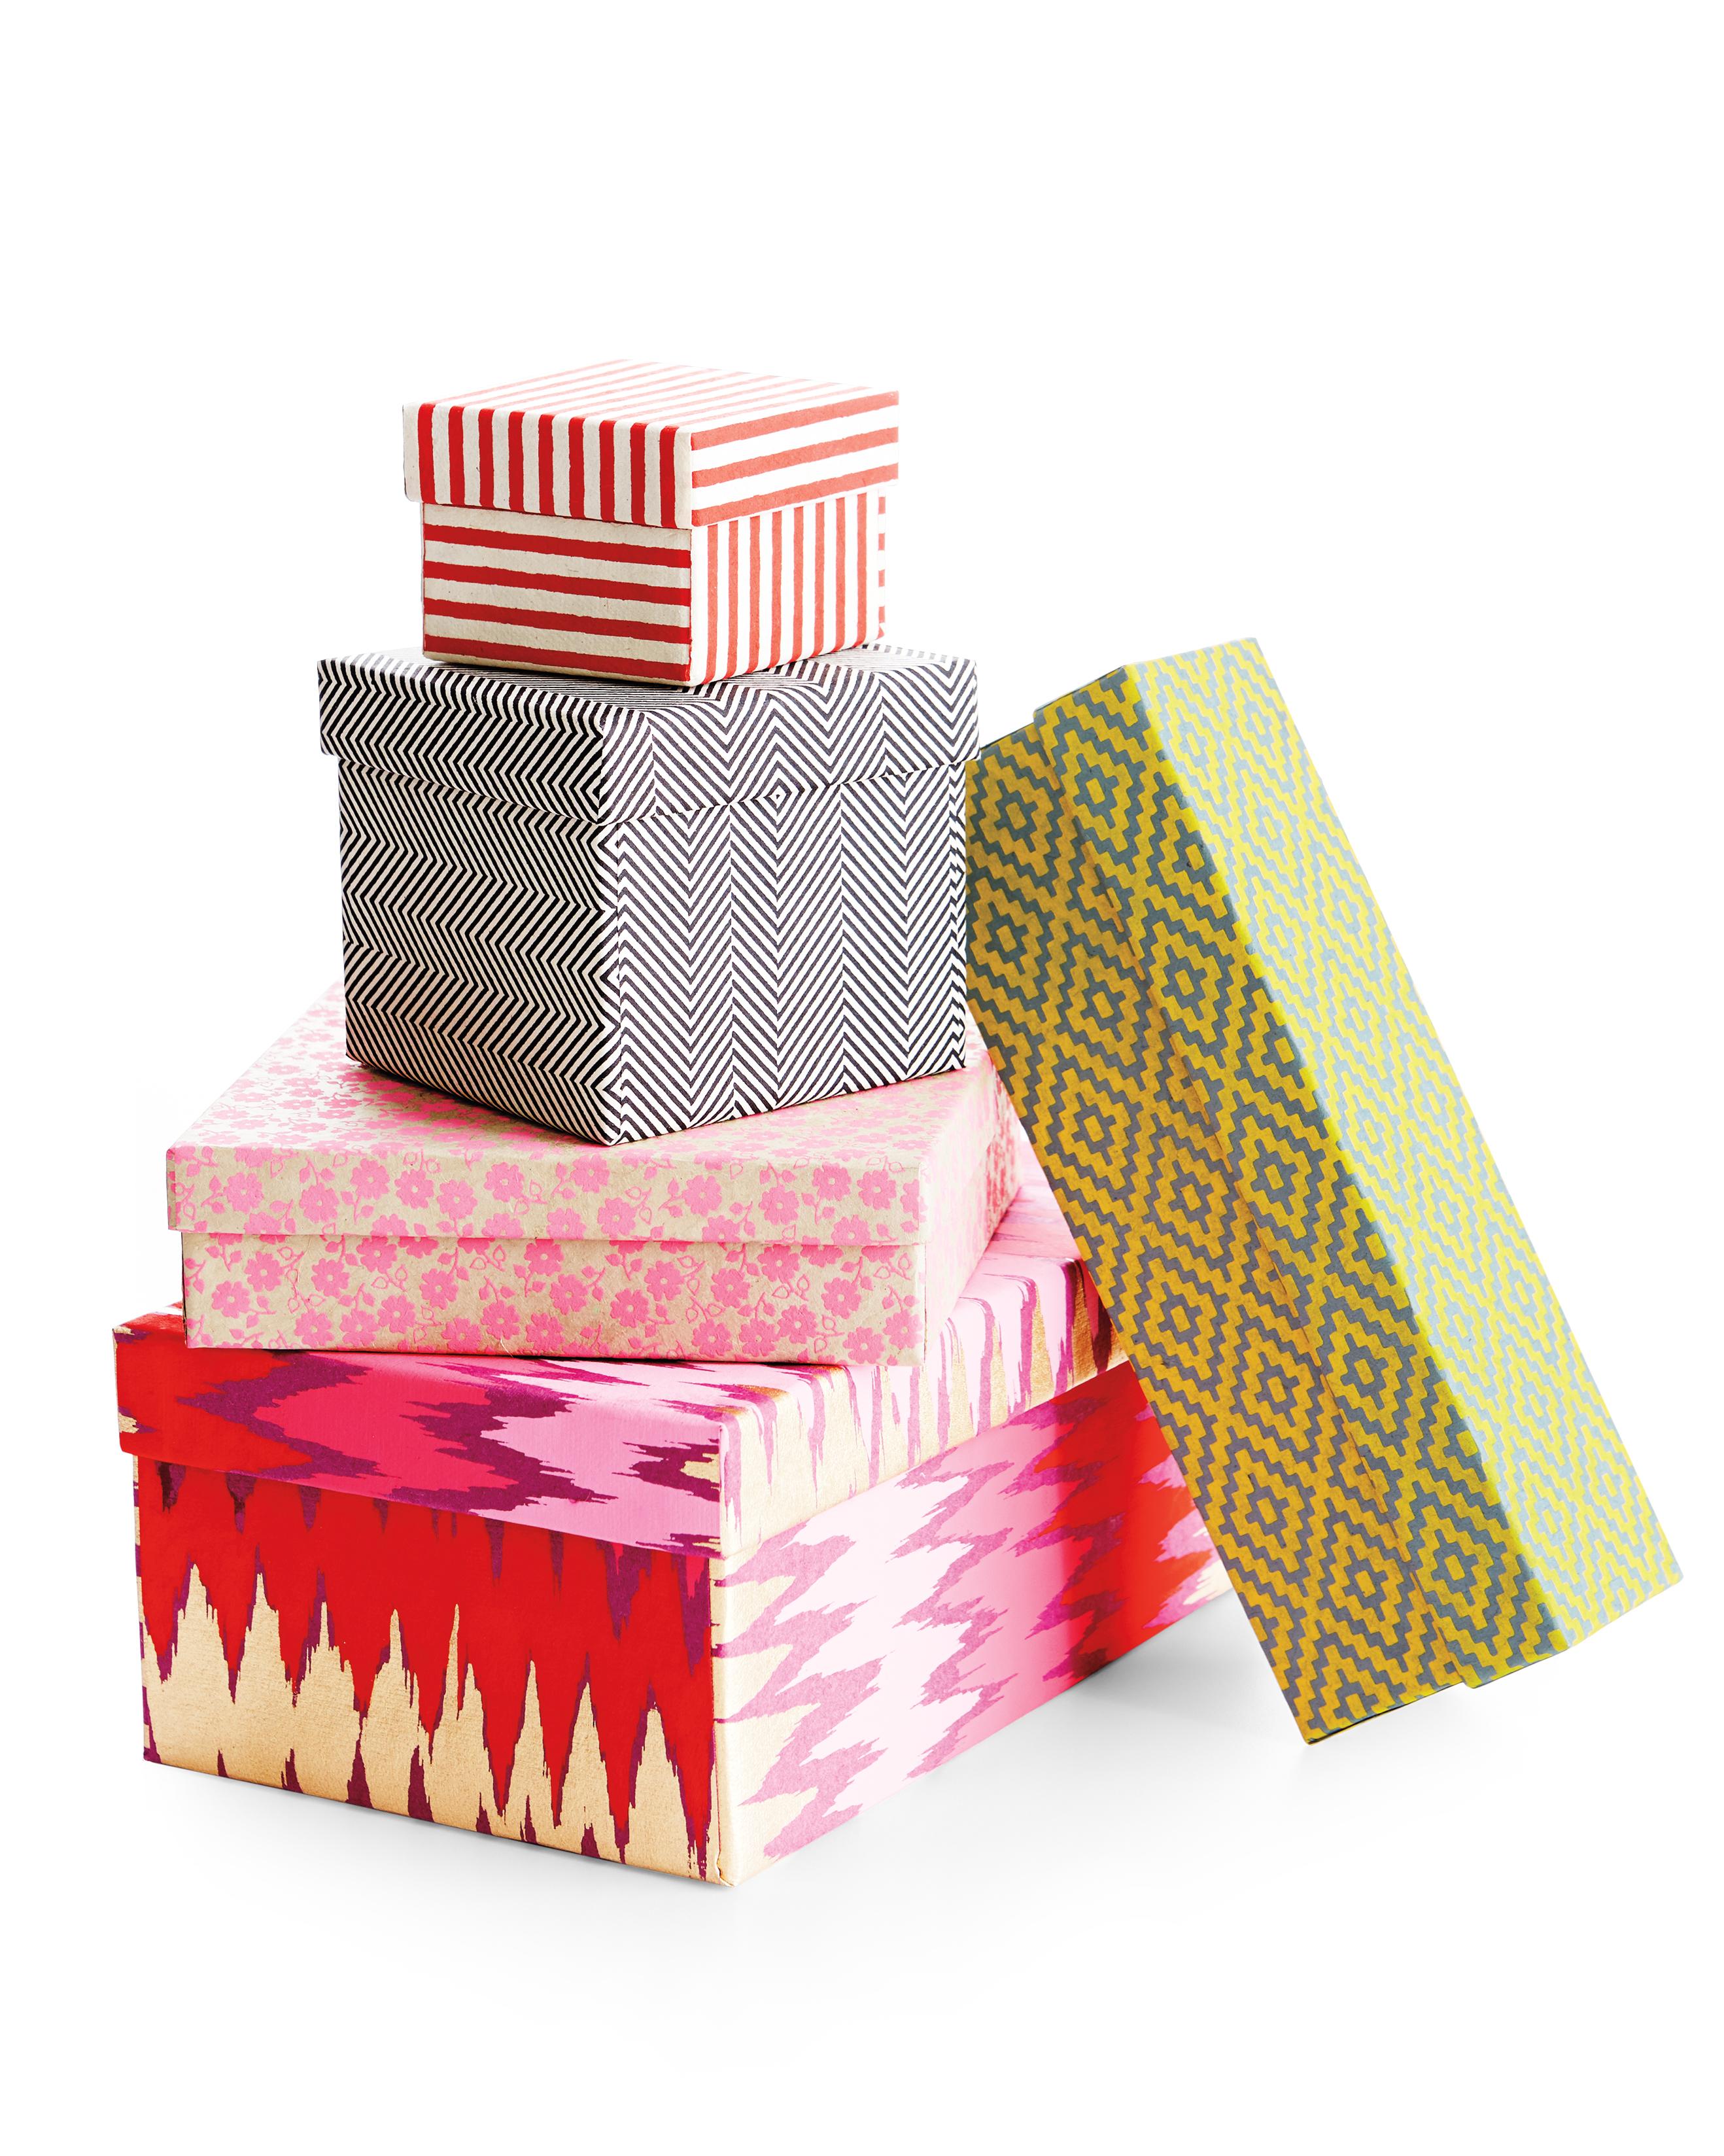 paper-boxes-034-d111649.jpg